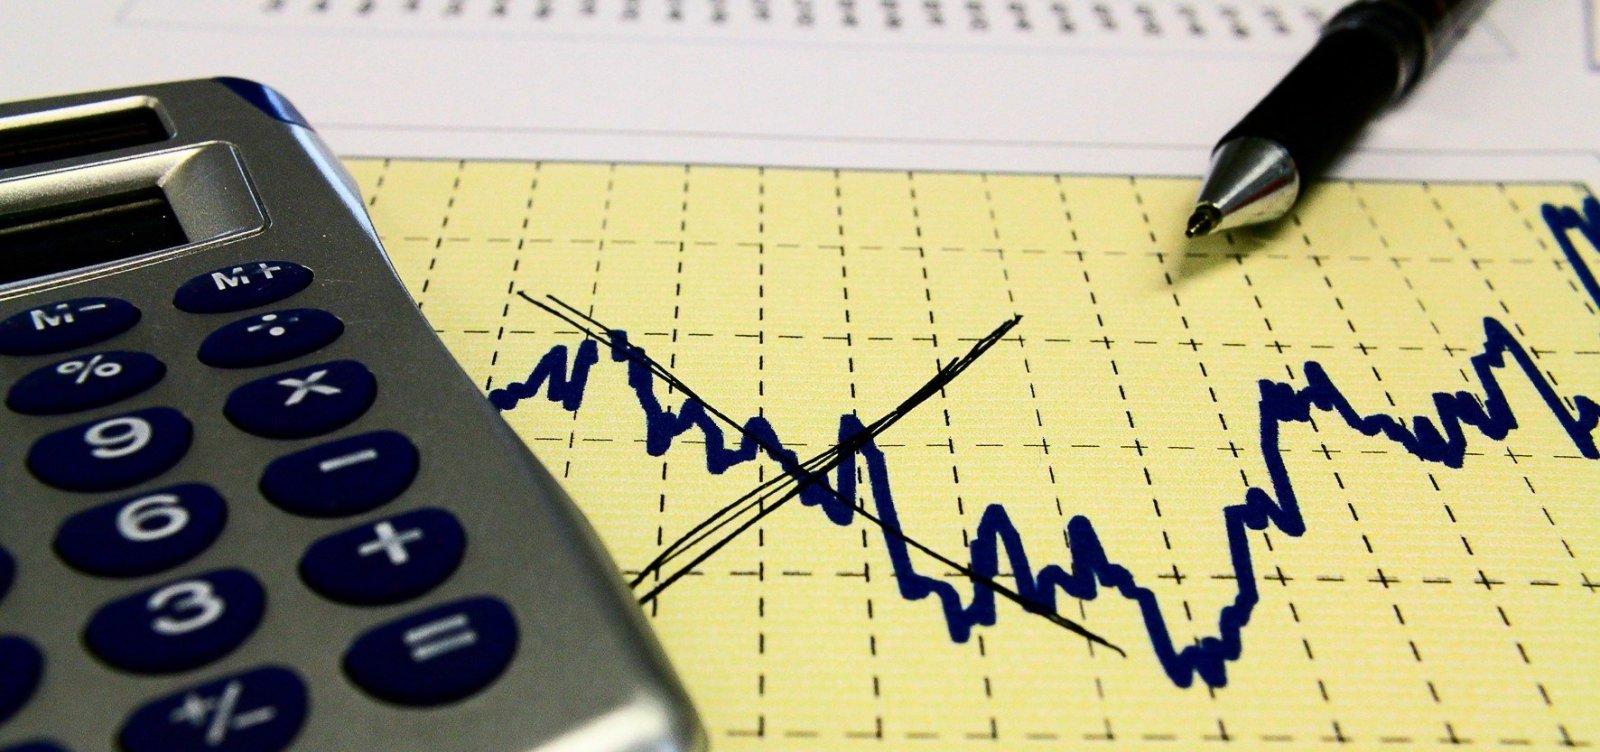 Mercado vê inflação maior e reduz estimativa de alta do PIB pela 12ª semana seguida